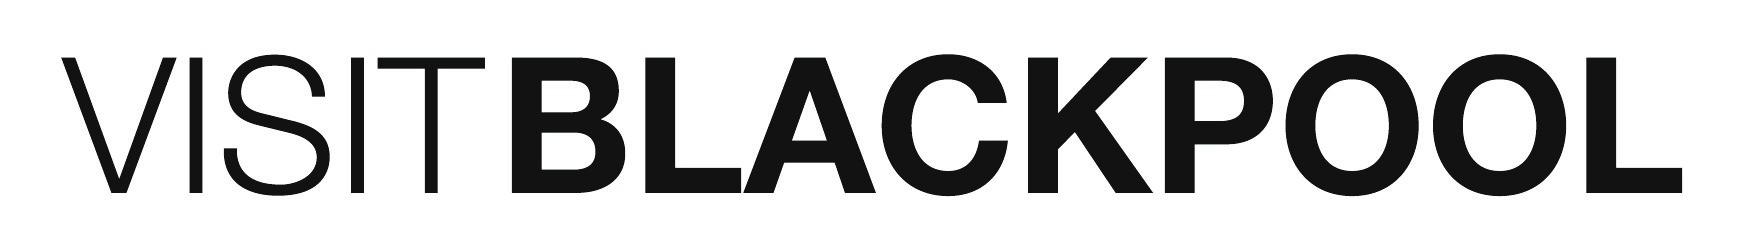 new VB logo black-white (3) 11.jpg